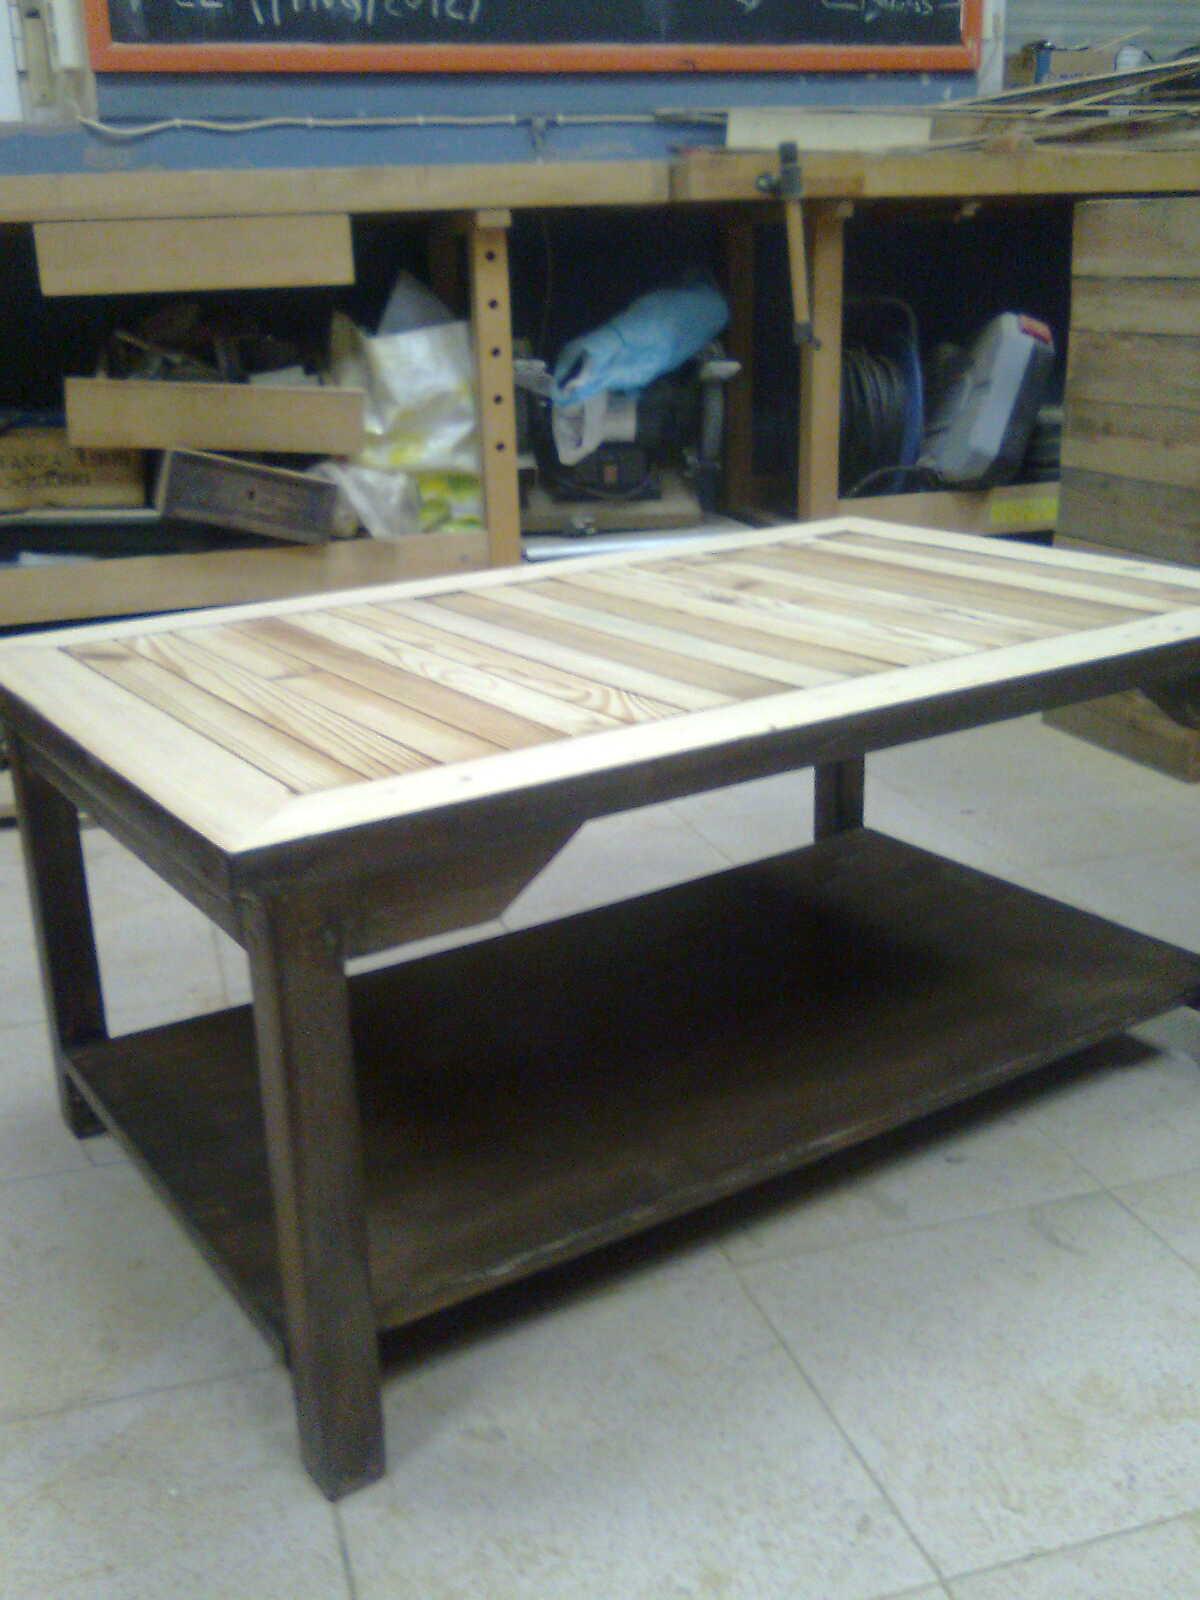 Apafam nuestra tienda muebles a demanda con madera reciclada for Muebles con madera reciclada